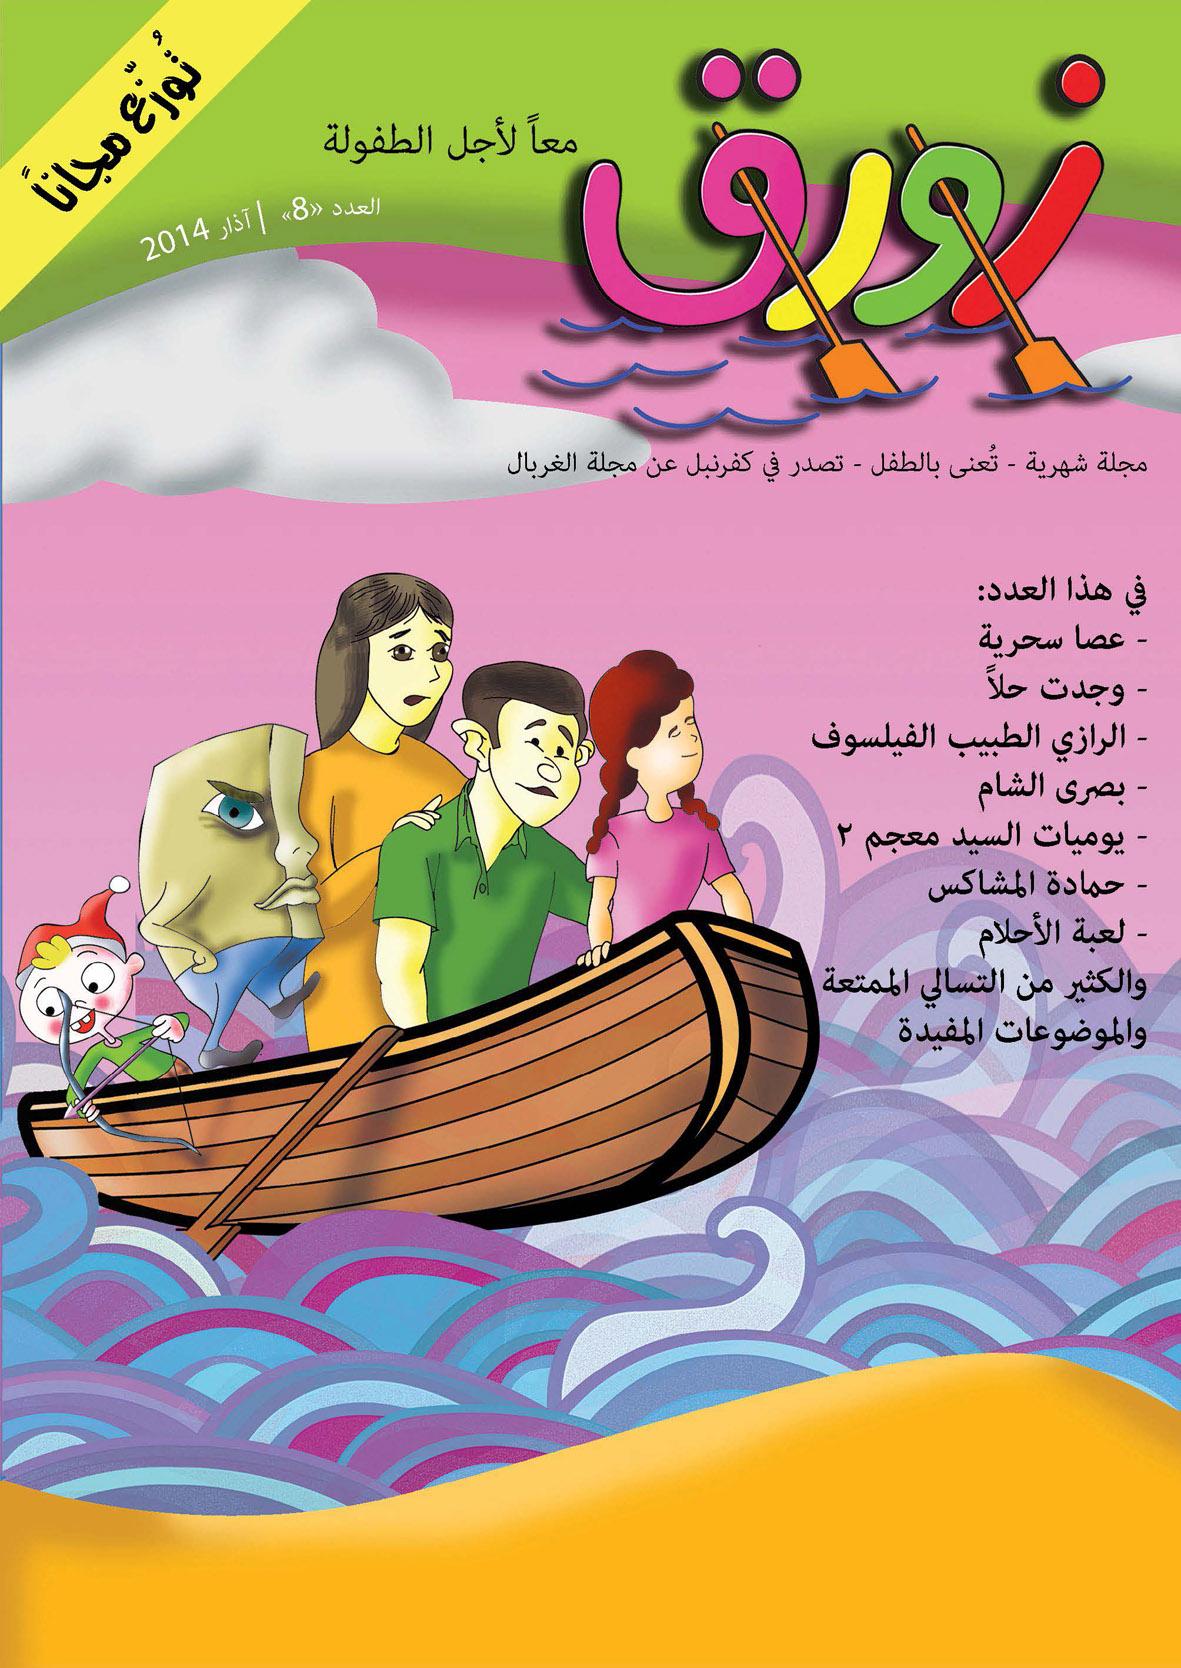 الصفحات منzawrk-08- fina